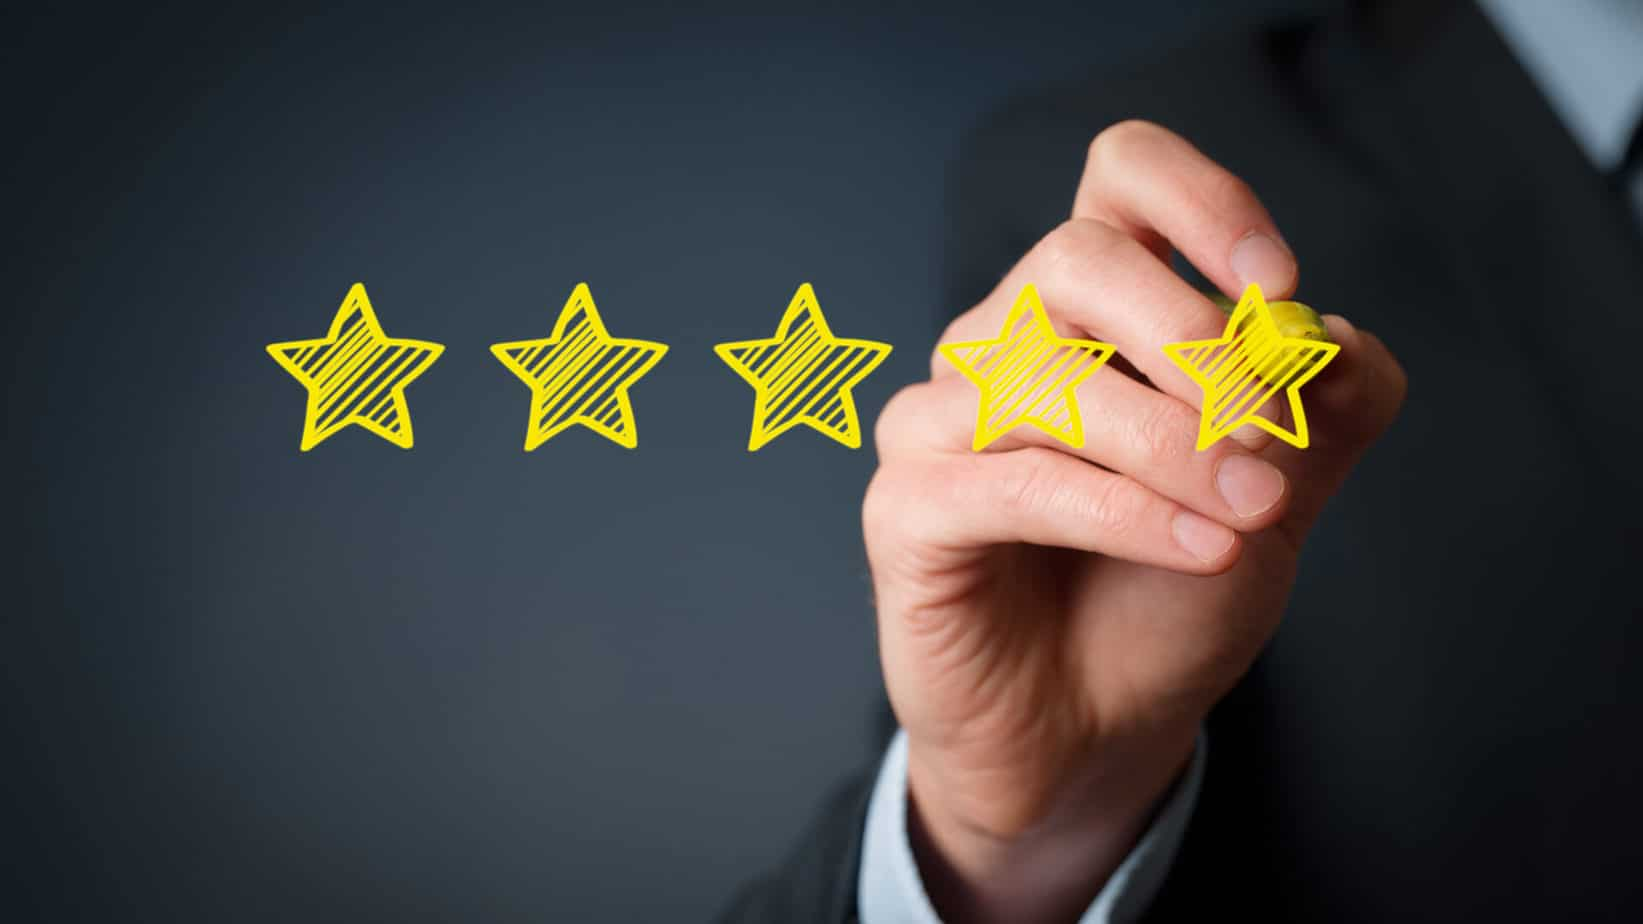 recensione-cinque-stelle di valutazione